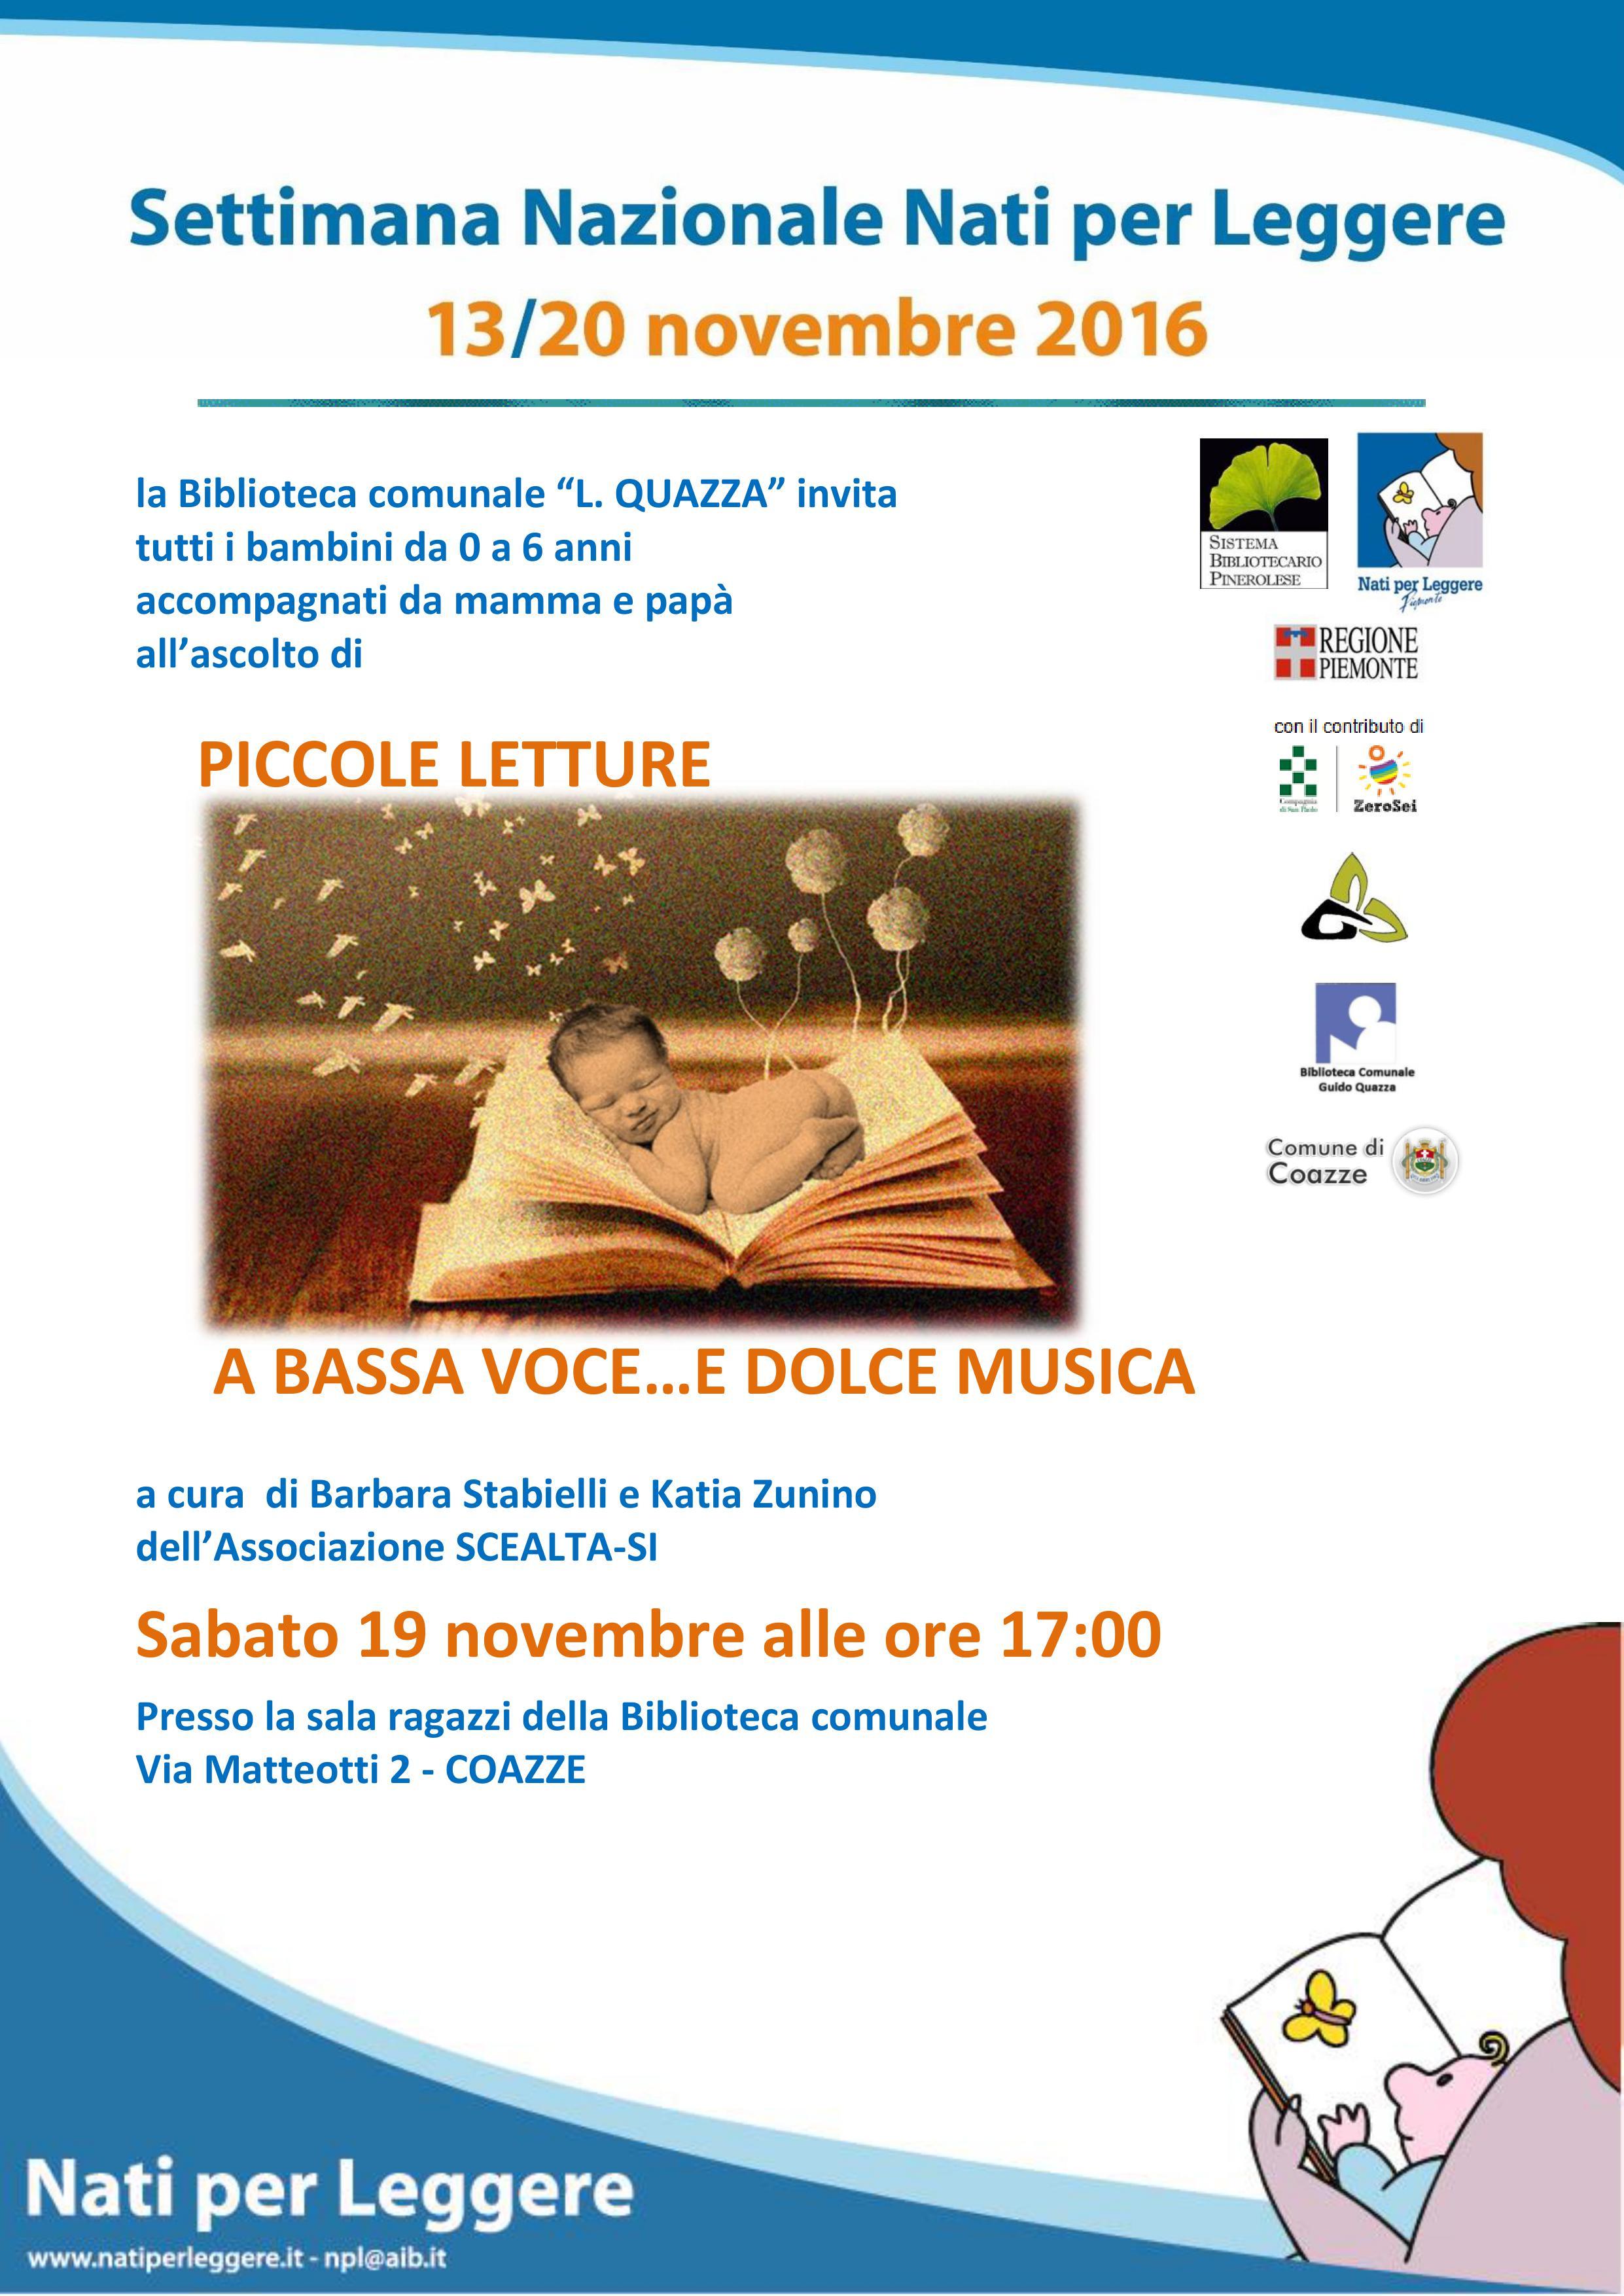 Piccole letture a Bassa Voce… e dolce musica – Sabato 19/11/2016 – Biblioteca Coazze